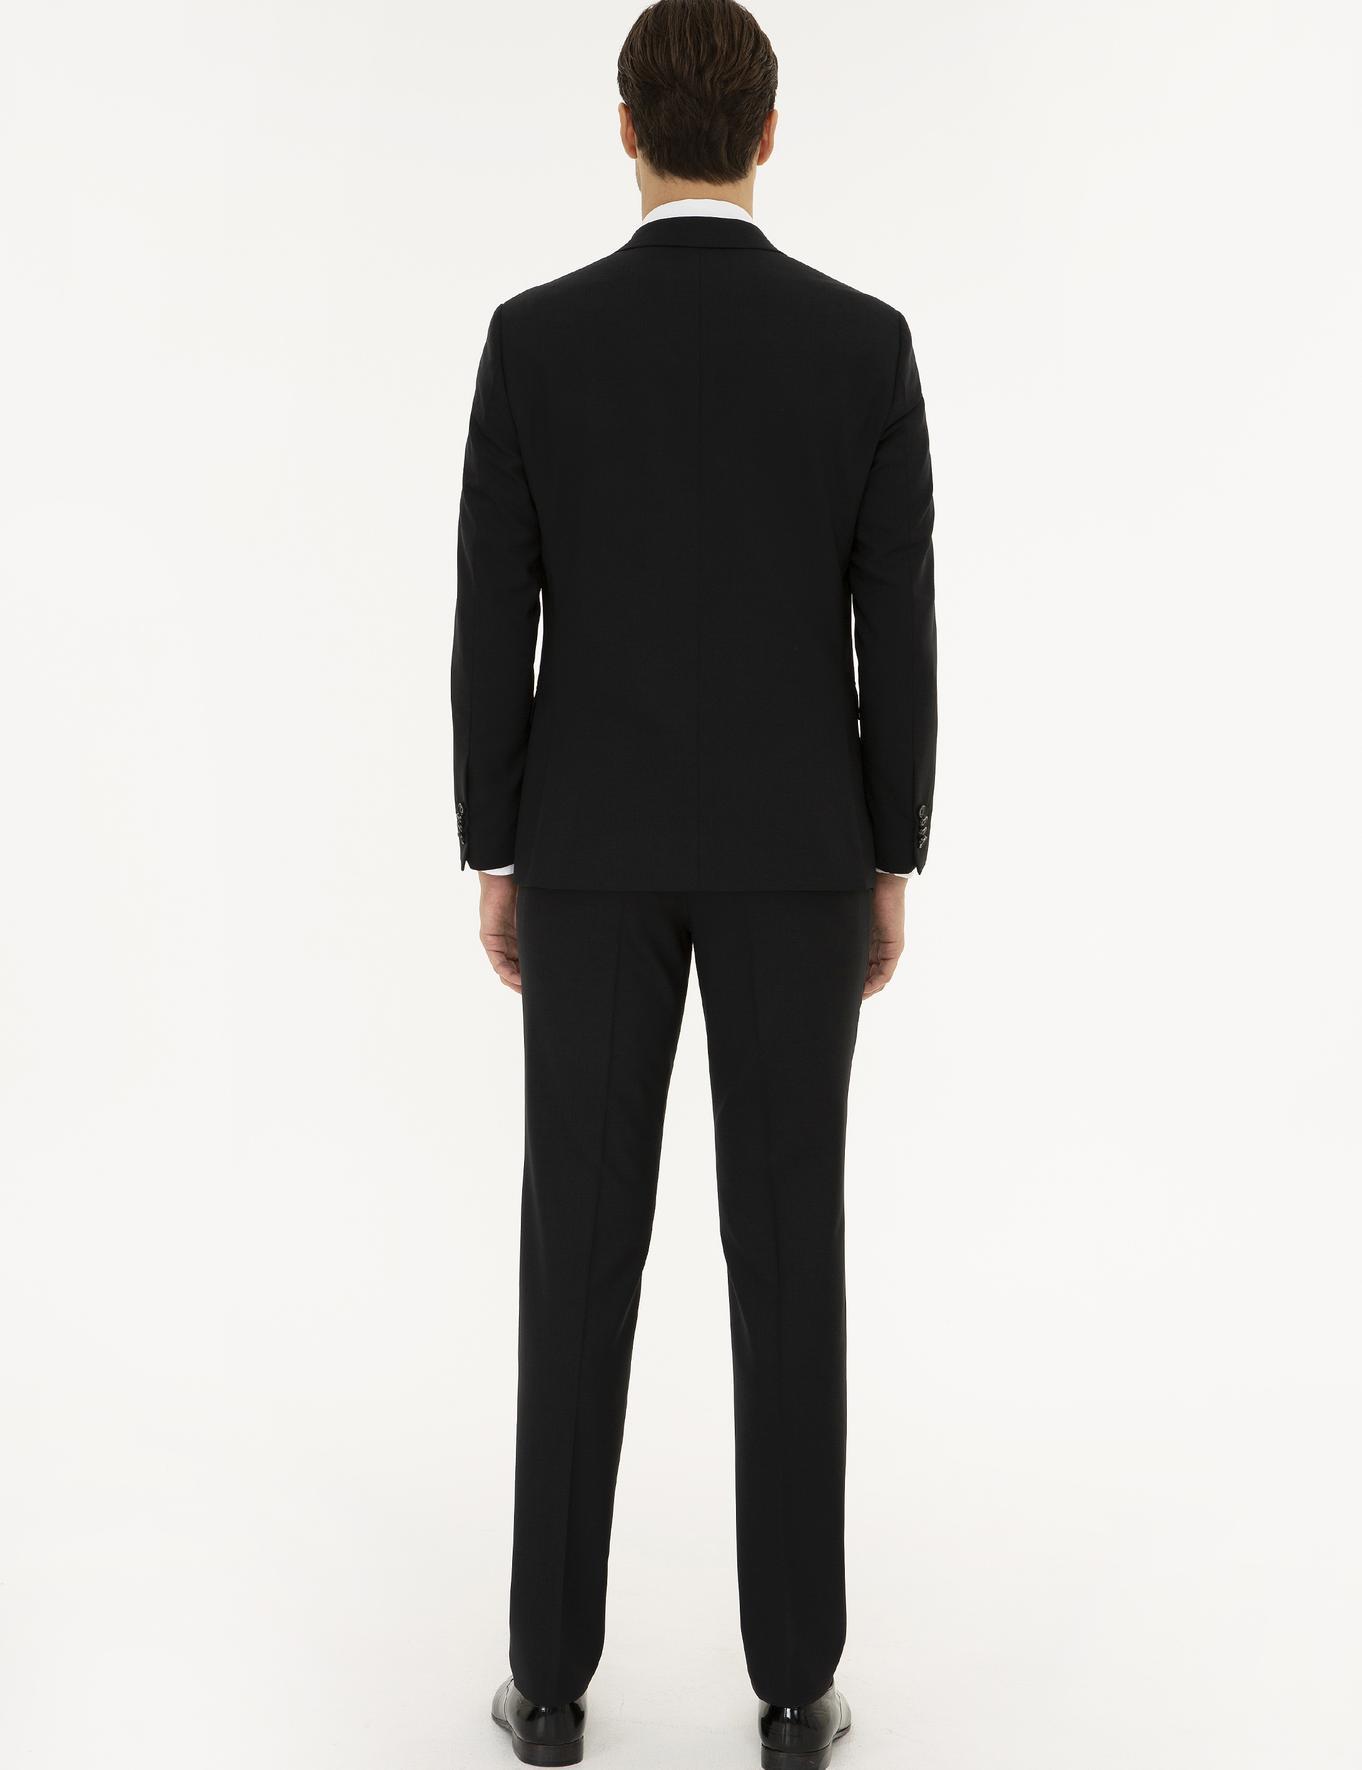 Siyah Slim Fit Takım Elbise - 50219674056